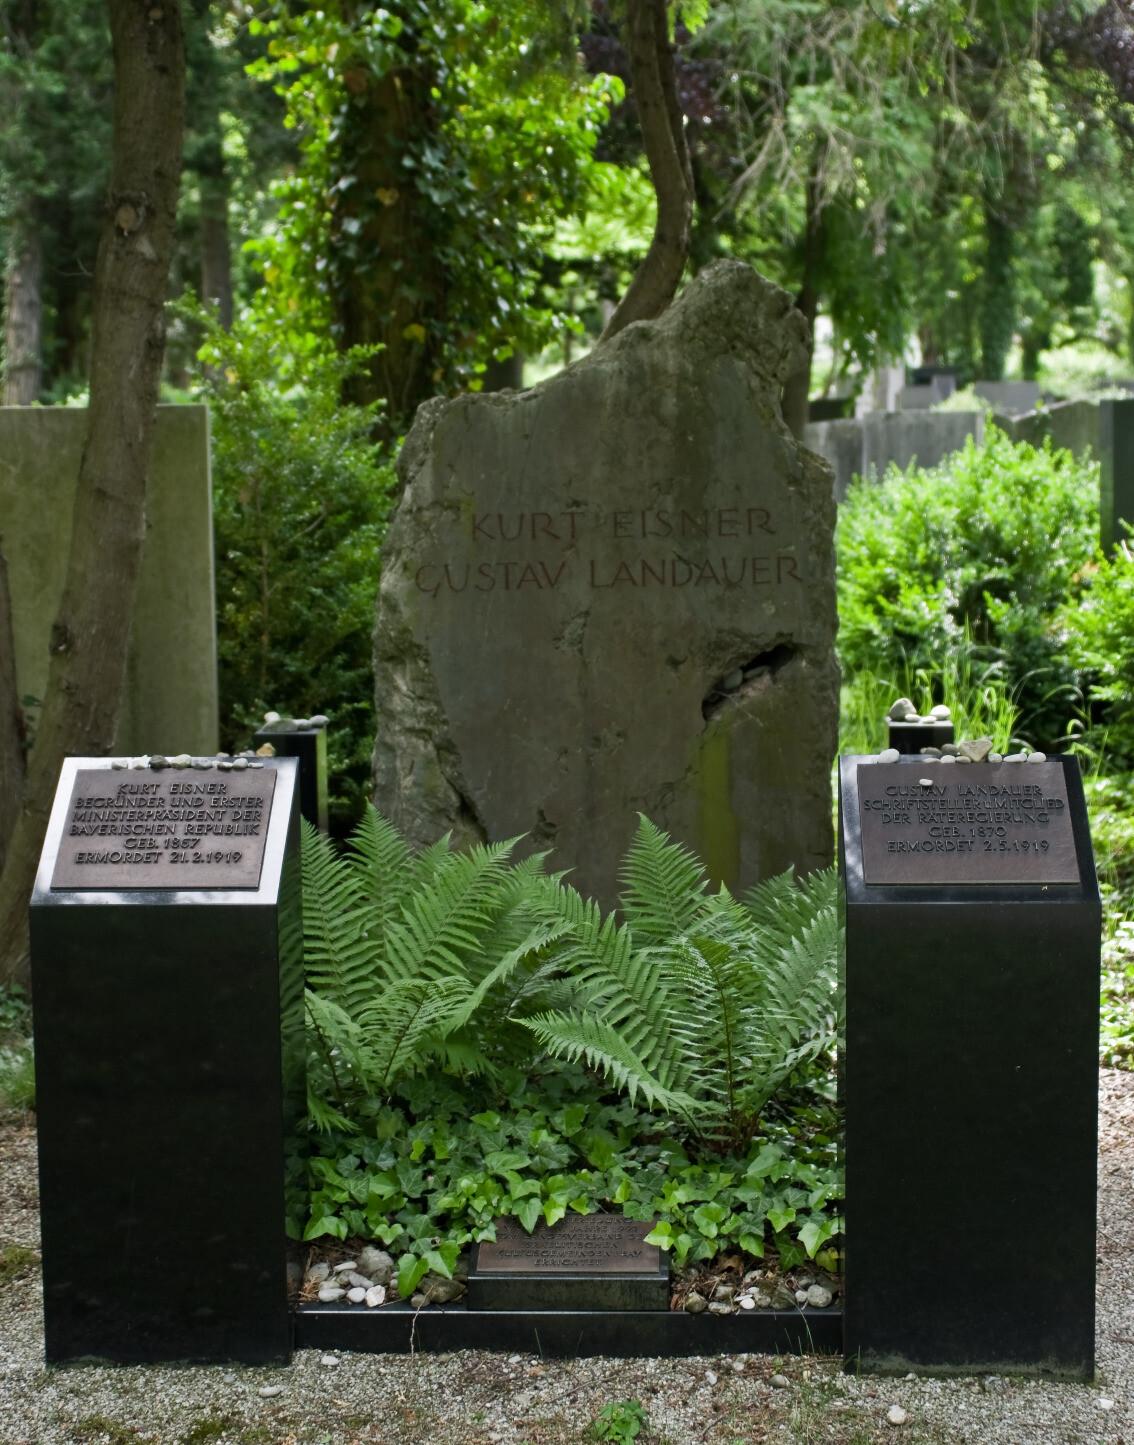 Eisner-Landauer-Grab auf dem Neuen Israelitischen Friedhof im Stadtteil Freimann (Stadtbezirk Schwabing-Freimann) in München (Bayern/Deutschland)